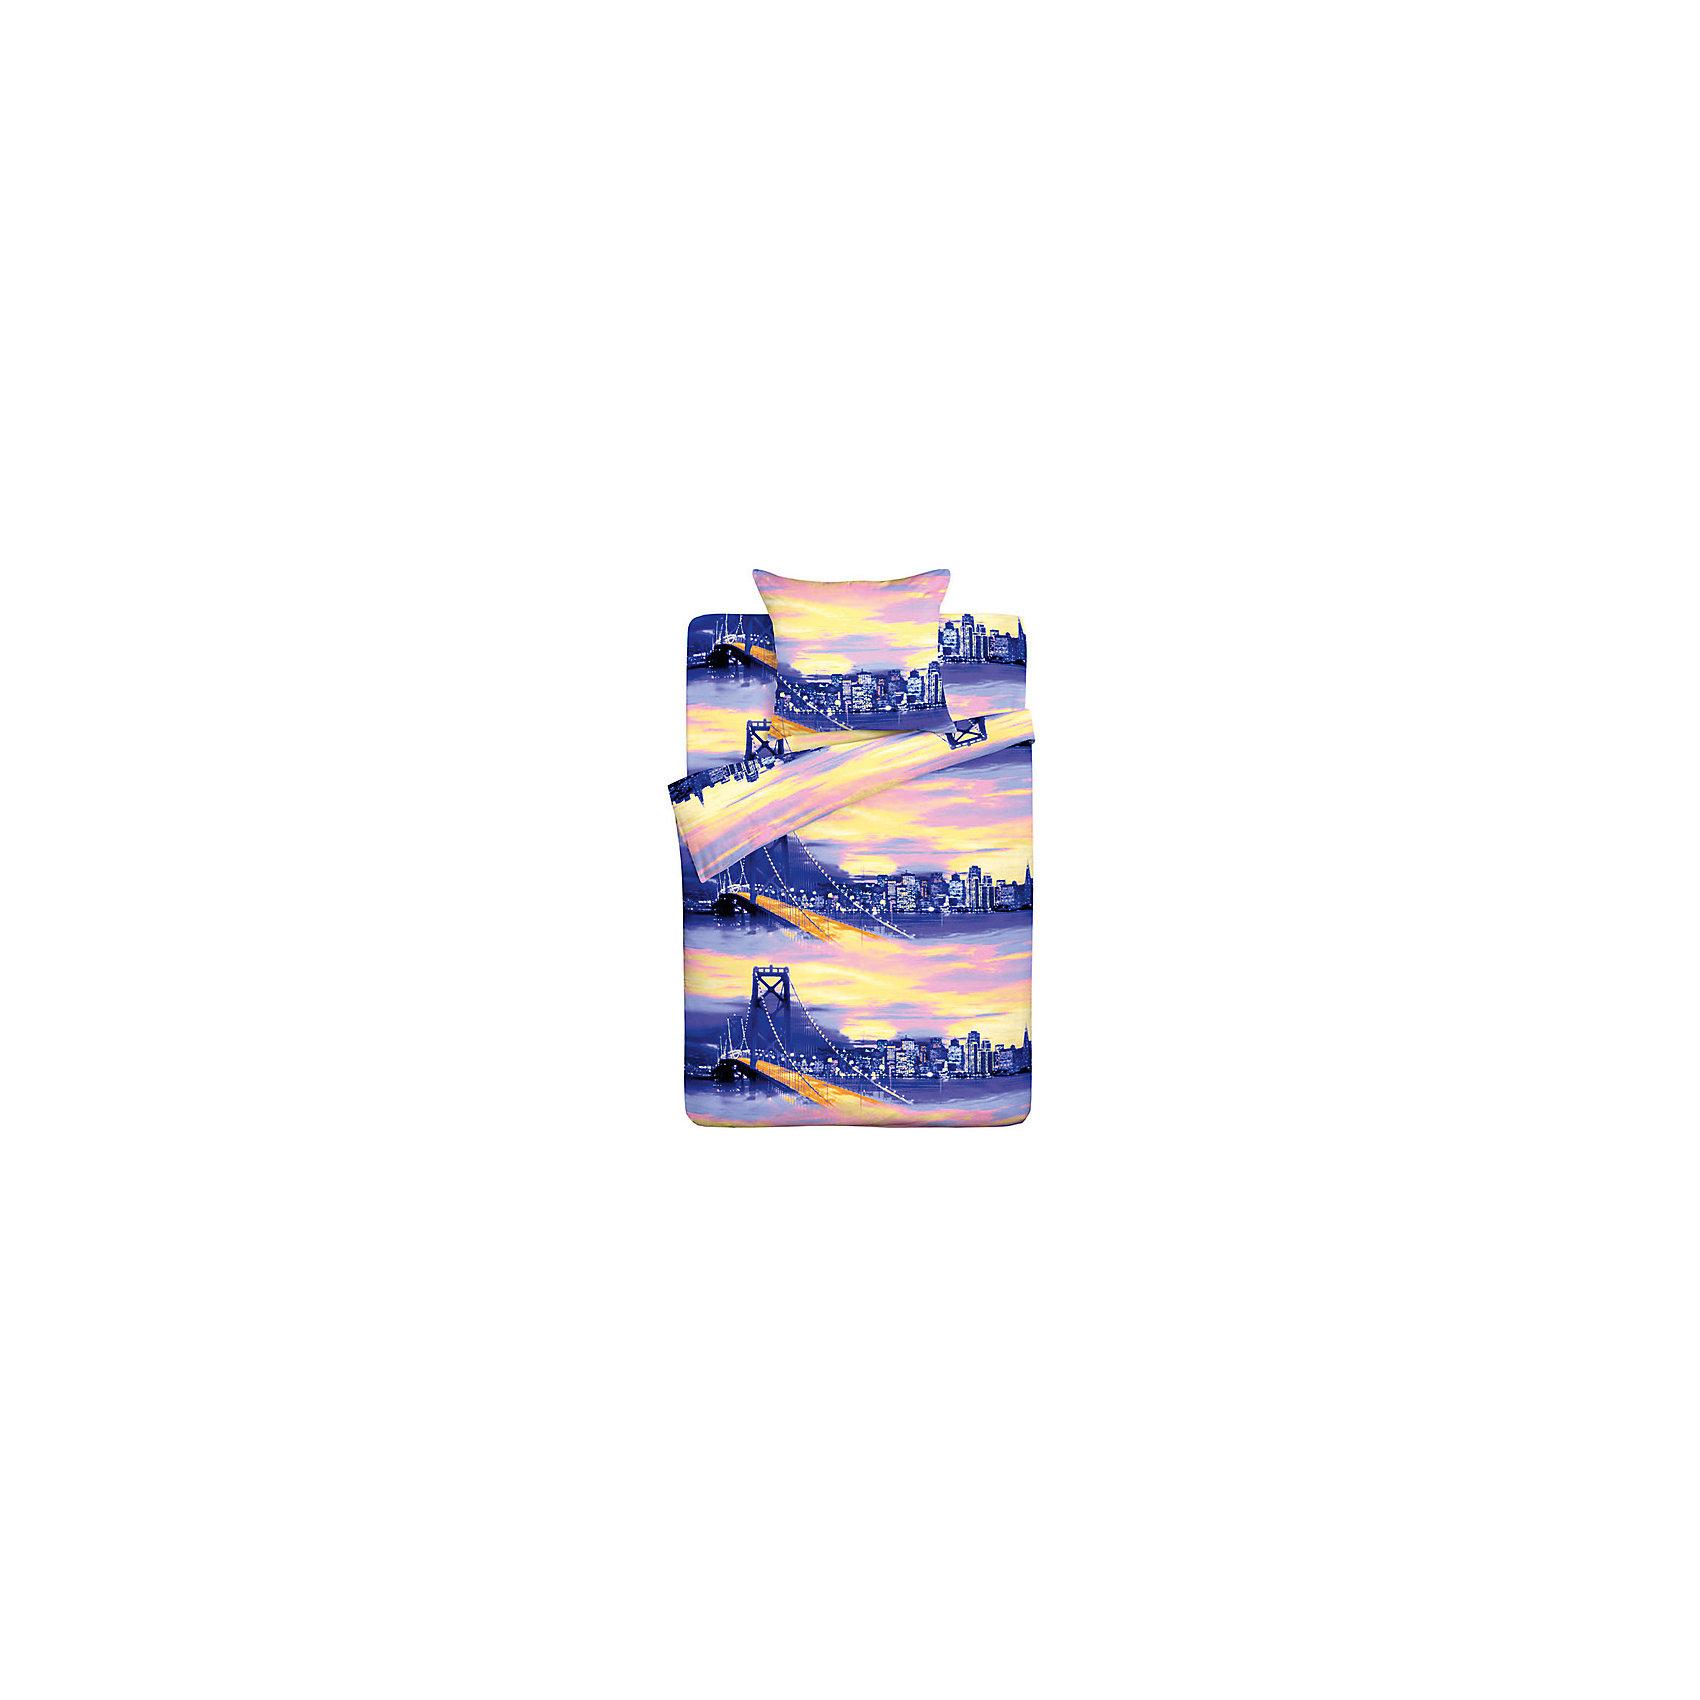 Постельное белье Индиго, (50х70), LettoДомашний текстиль<br>Постельное белье Индиго, (50х70), Letto - это качественное постельное белье из традиционной российской бязи.<br>Яркий комплект постельного белья «Индиго» создаст ощущение комфорта и уюта в спальне. Комплект изготовлен из бязи плотного плетения (100% хлопок). Эта традиционная натуральная ткань отличается экологичностью и практичностью, хорошо пропускает воздух и позволяет коже дышать. Благодаря устойчивым качественным красителям белье сохраняют свою яркость и насыщенность оттенков даже после частых стирок. Удобный пододеяльник на молнии сделает смену постельного белья быстрой и несложной. Рекомендуется перед первым использованием постирать, но не пересушивать. Применение кондиционера при стирке сделает такое постельное белье мягче и комфортней.<br><br>Дополнительная информация:<br><br>- 1,5 спальное<br>- В комплекте: пододеяльник 148х210см, простыня 150х210 см, наволочка 1 шт. 50х70 см.<br>- Материал: бязь (100% хлопок)<br>- Пододеяльник на молнии<br>- Обращаем внимание, что расцветка наволочек может отличаться от представленной на фото<br><br>Постельное белье Индиго, (50х70), Letto можно купить в нашем интернет-магазине.<br><br>Ширина мм: 390<br>Глубина мм: 280<br>Высота мм: 40<br>Вес г: 1200<br>Возраст от месяцев: 36<br>Возраст до месяцев: 144<br>Пол: Унисекс<br>Возраст: Детский<br>SKU: 4947793